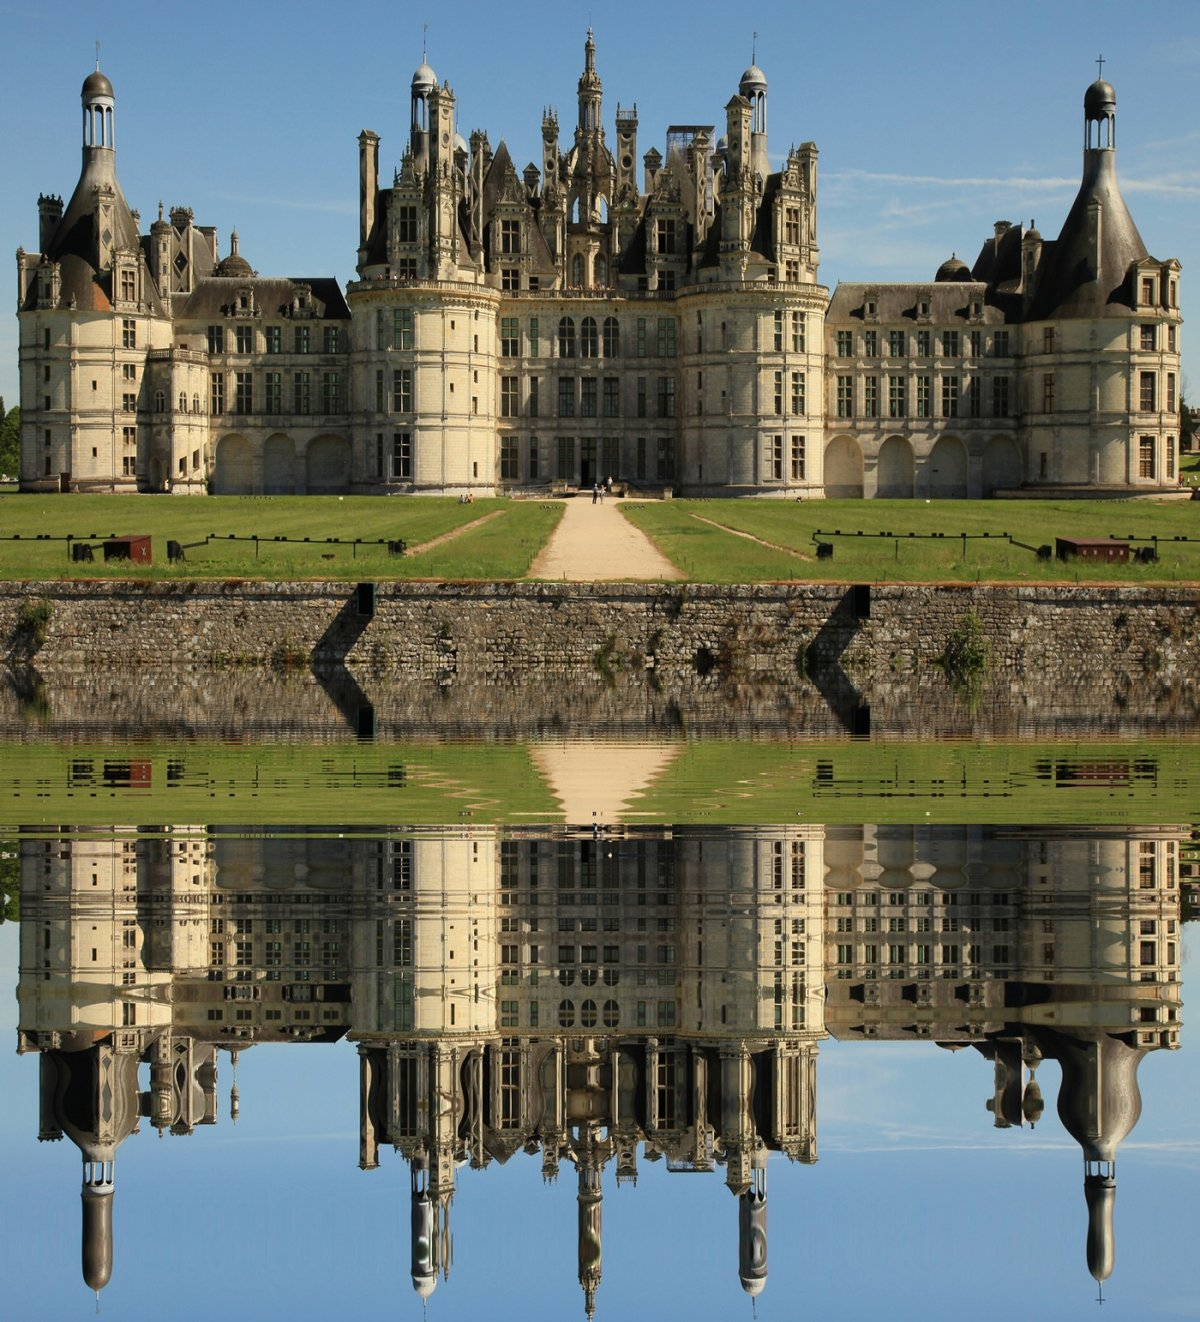 возвышенном участке самые известные крепости мира фото хочу выйти его